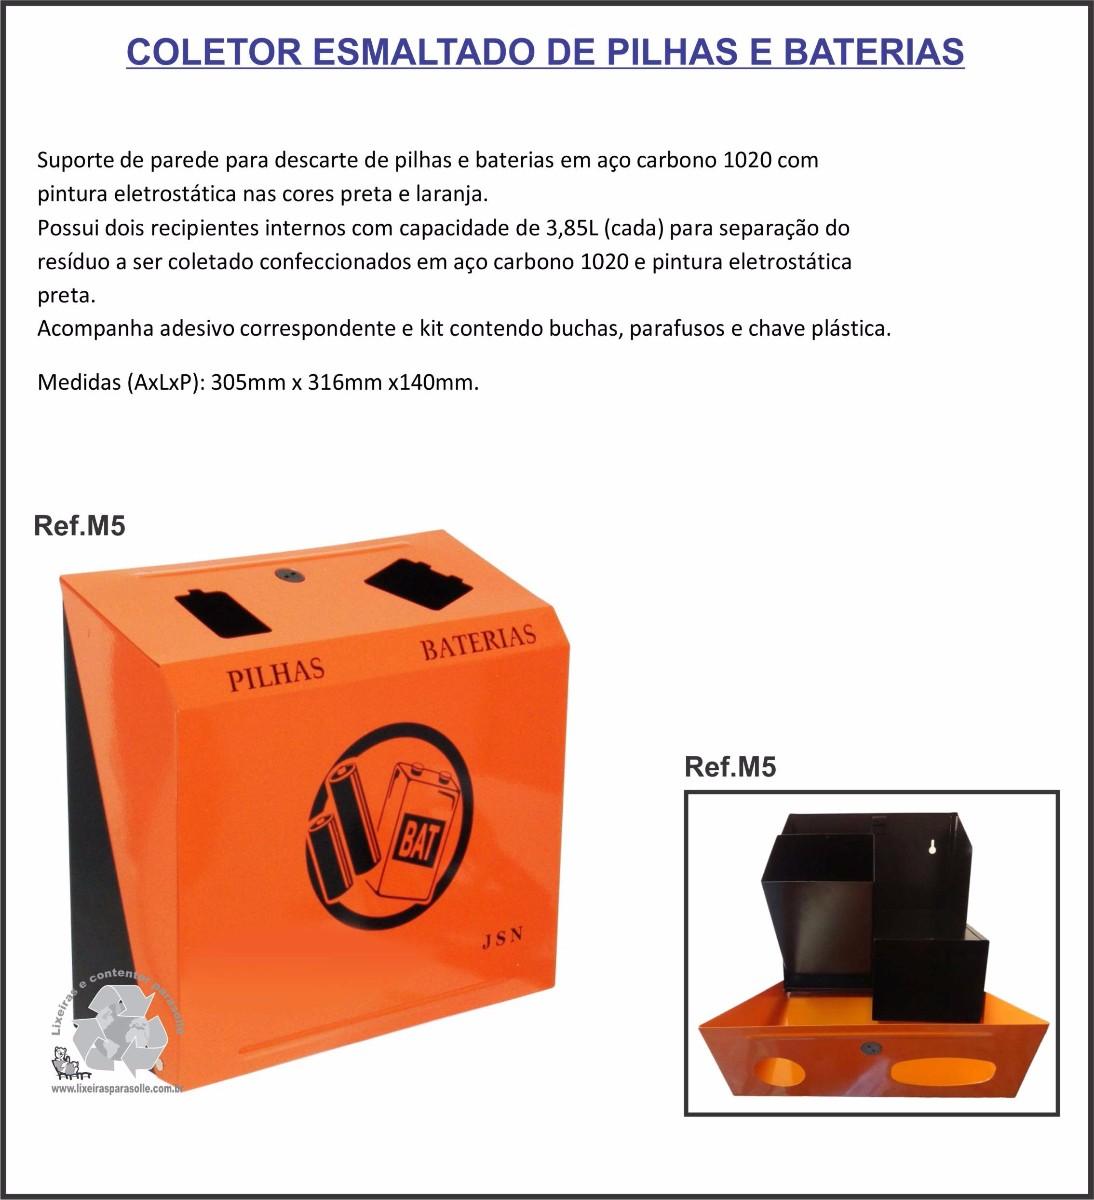 https://img.comunidades.net/lix/lixeirasparasolle/Coletor_esmaltado_pilhas_e_baterias.jpg